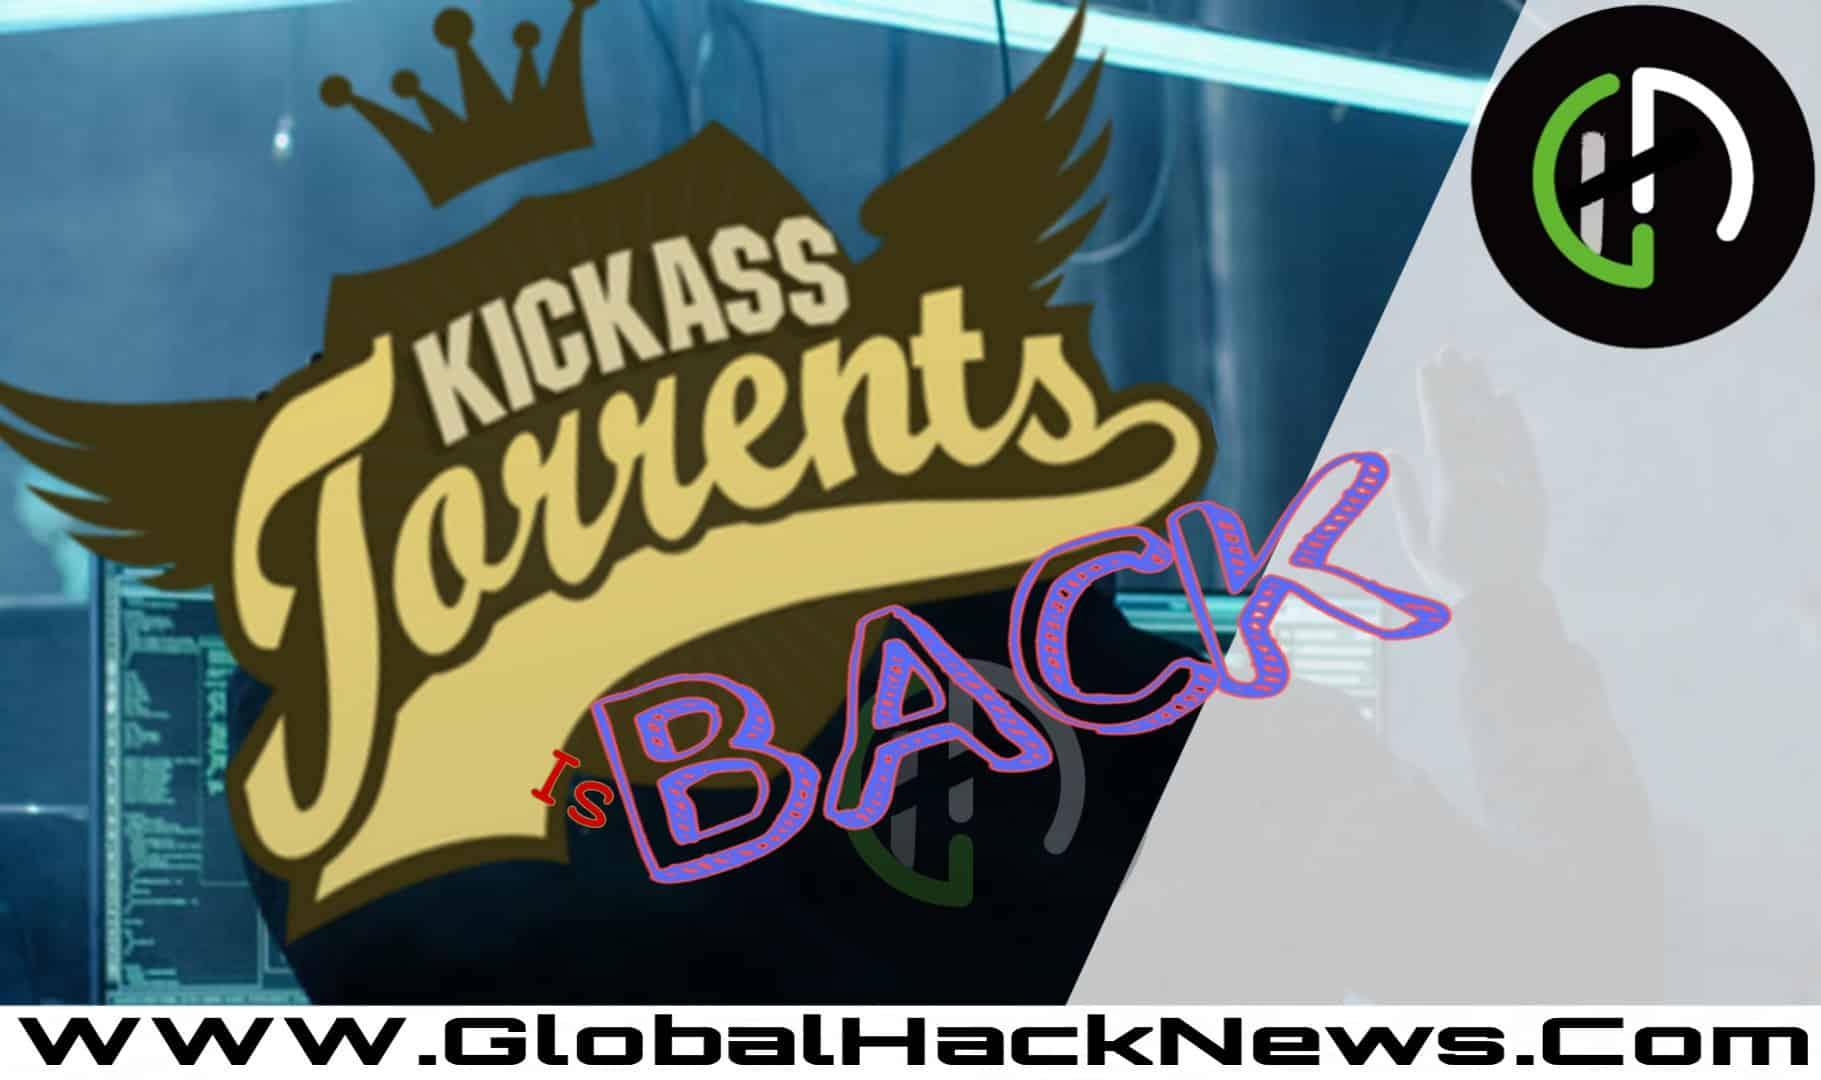 kickass torrent proxy bypass